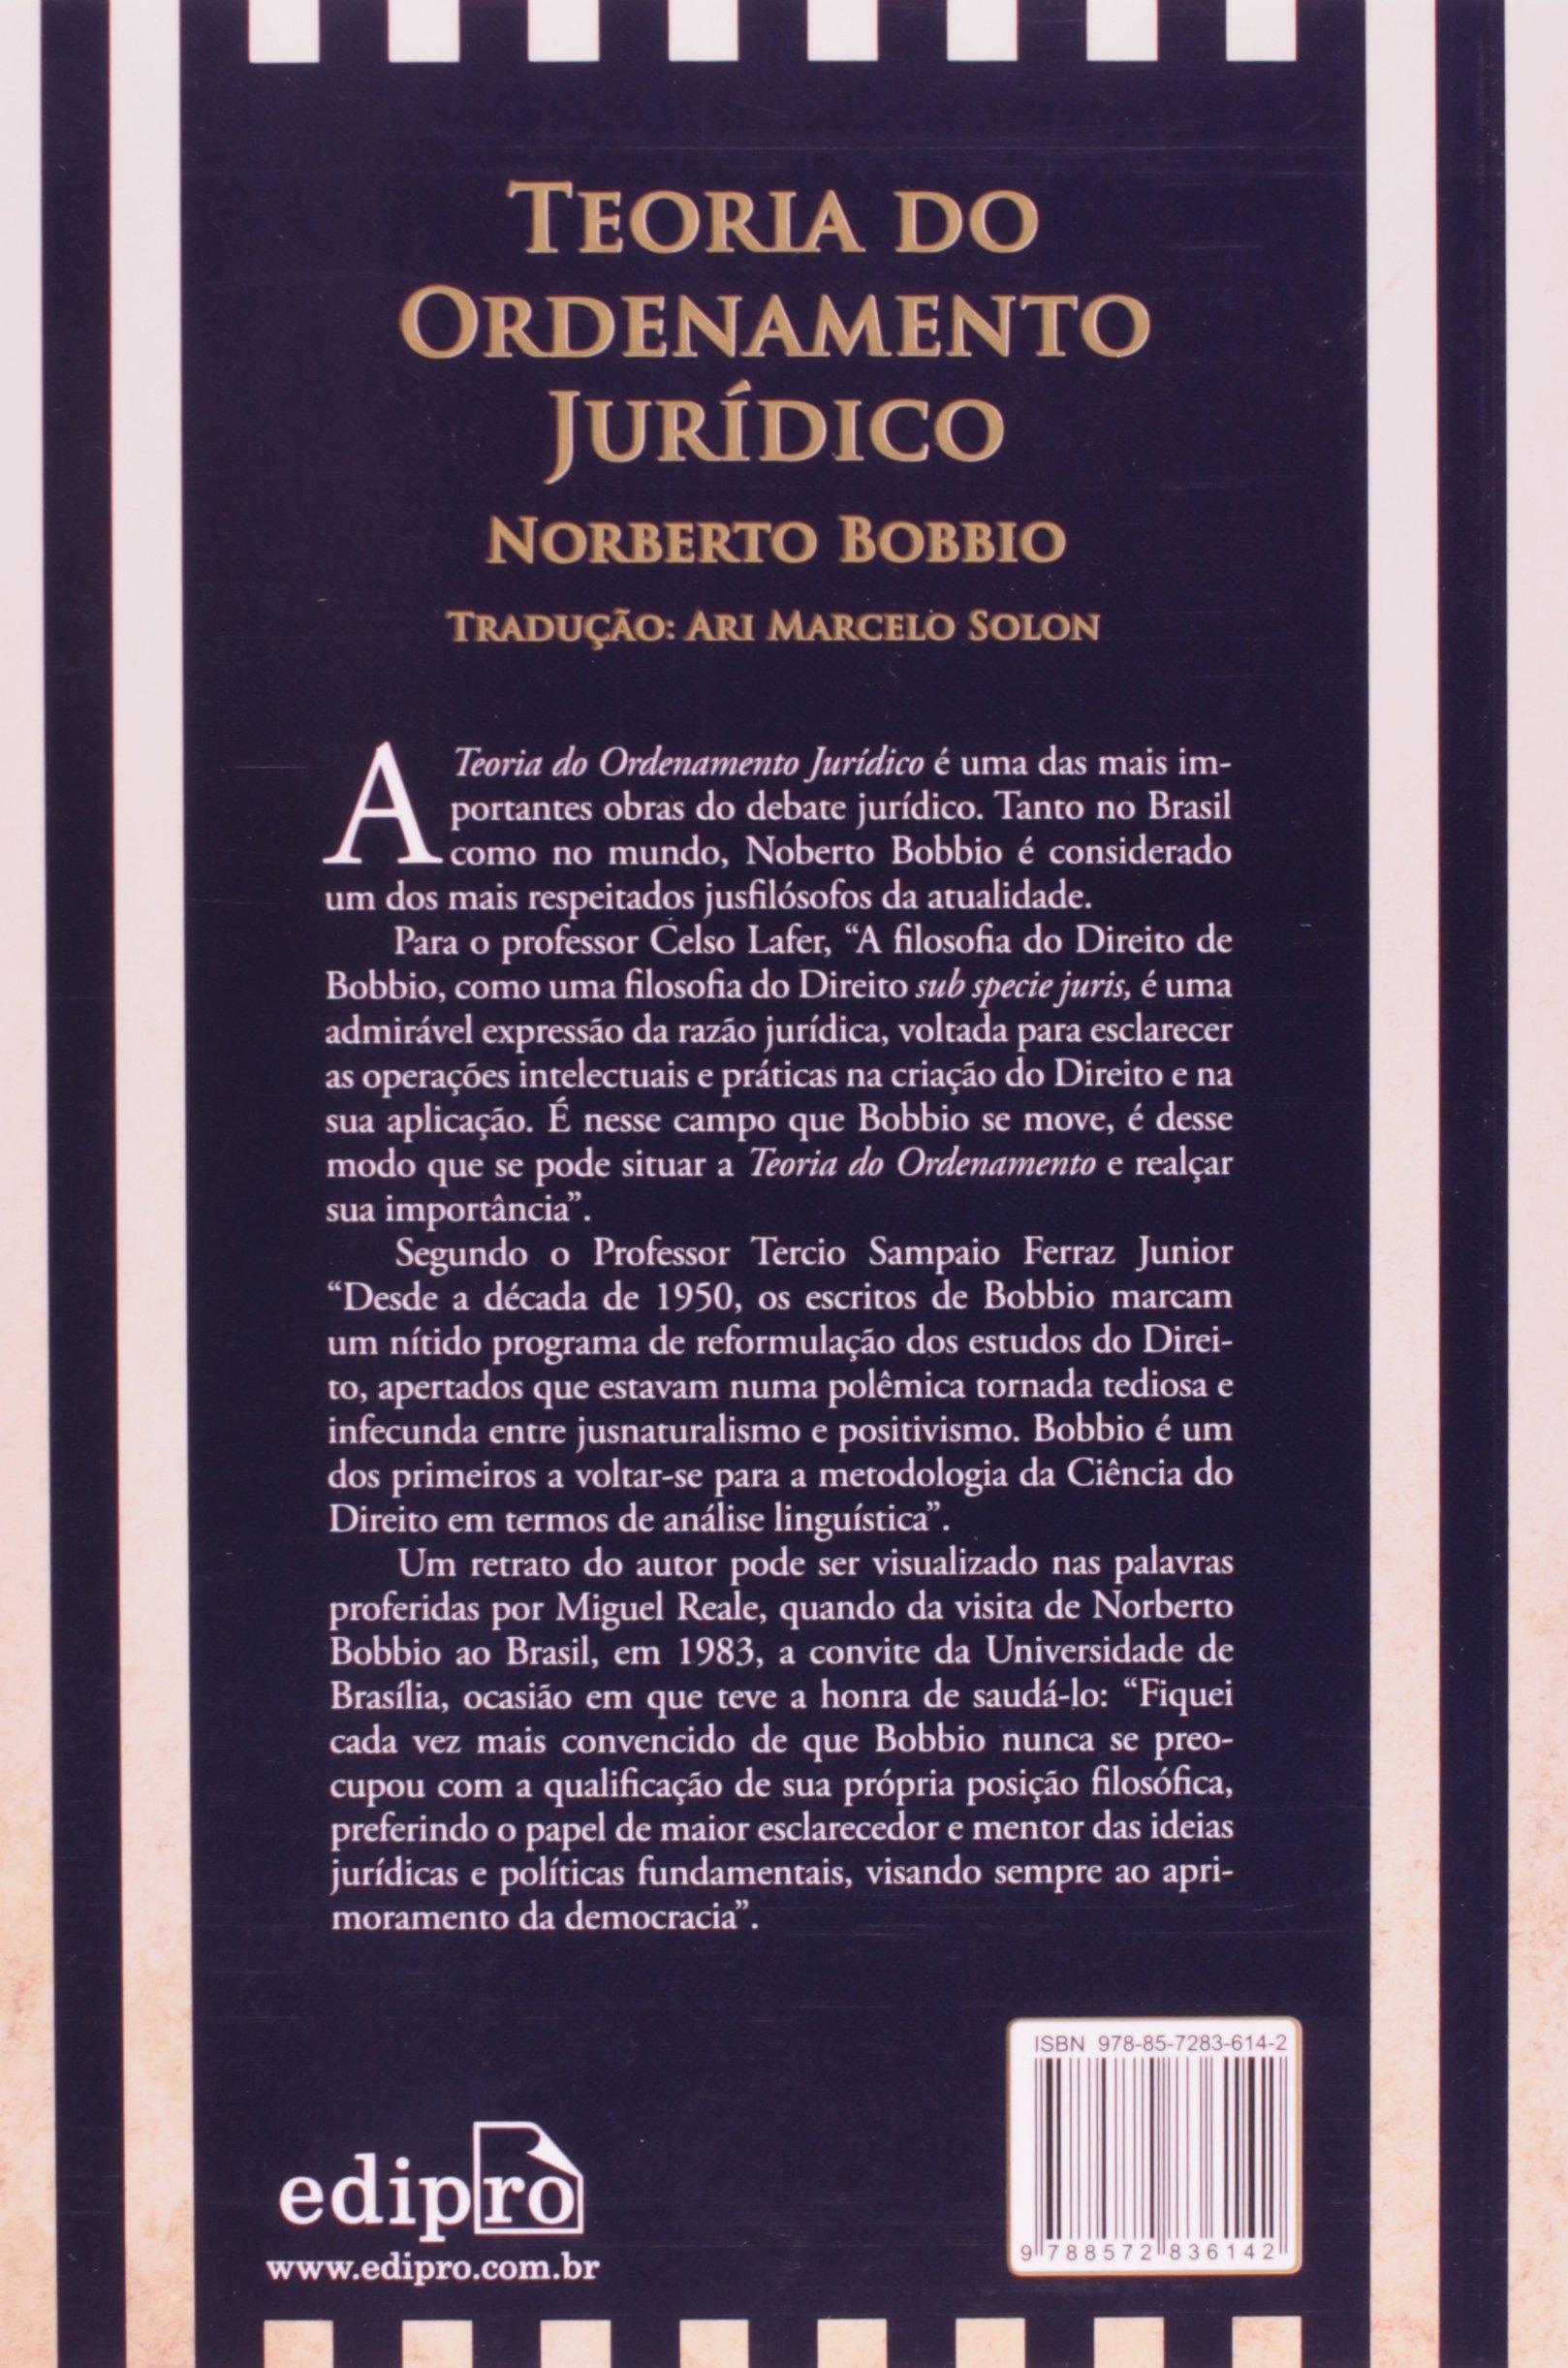 NORBERTO LIVRO TEORIA DE ORDENAMENTO BOBBIO JURIDICO BAIXAR DO